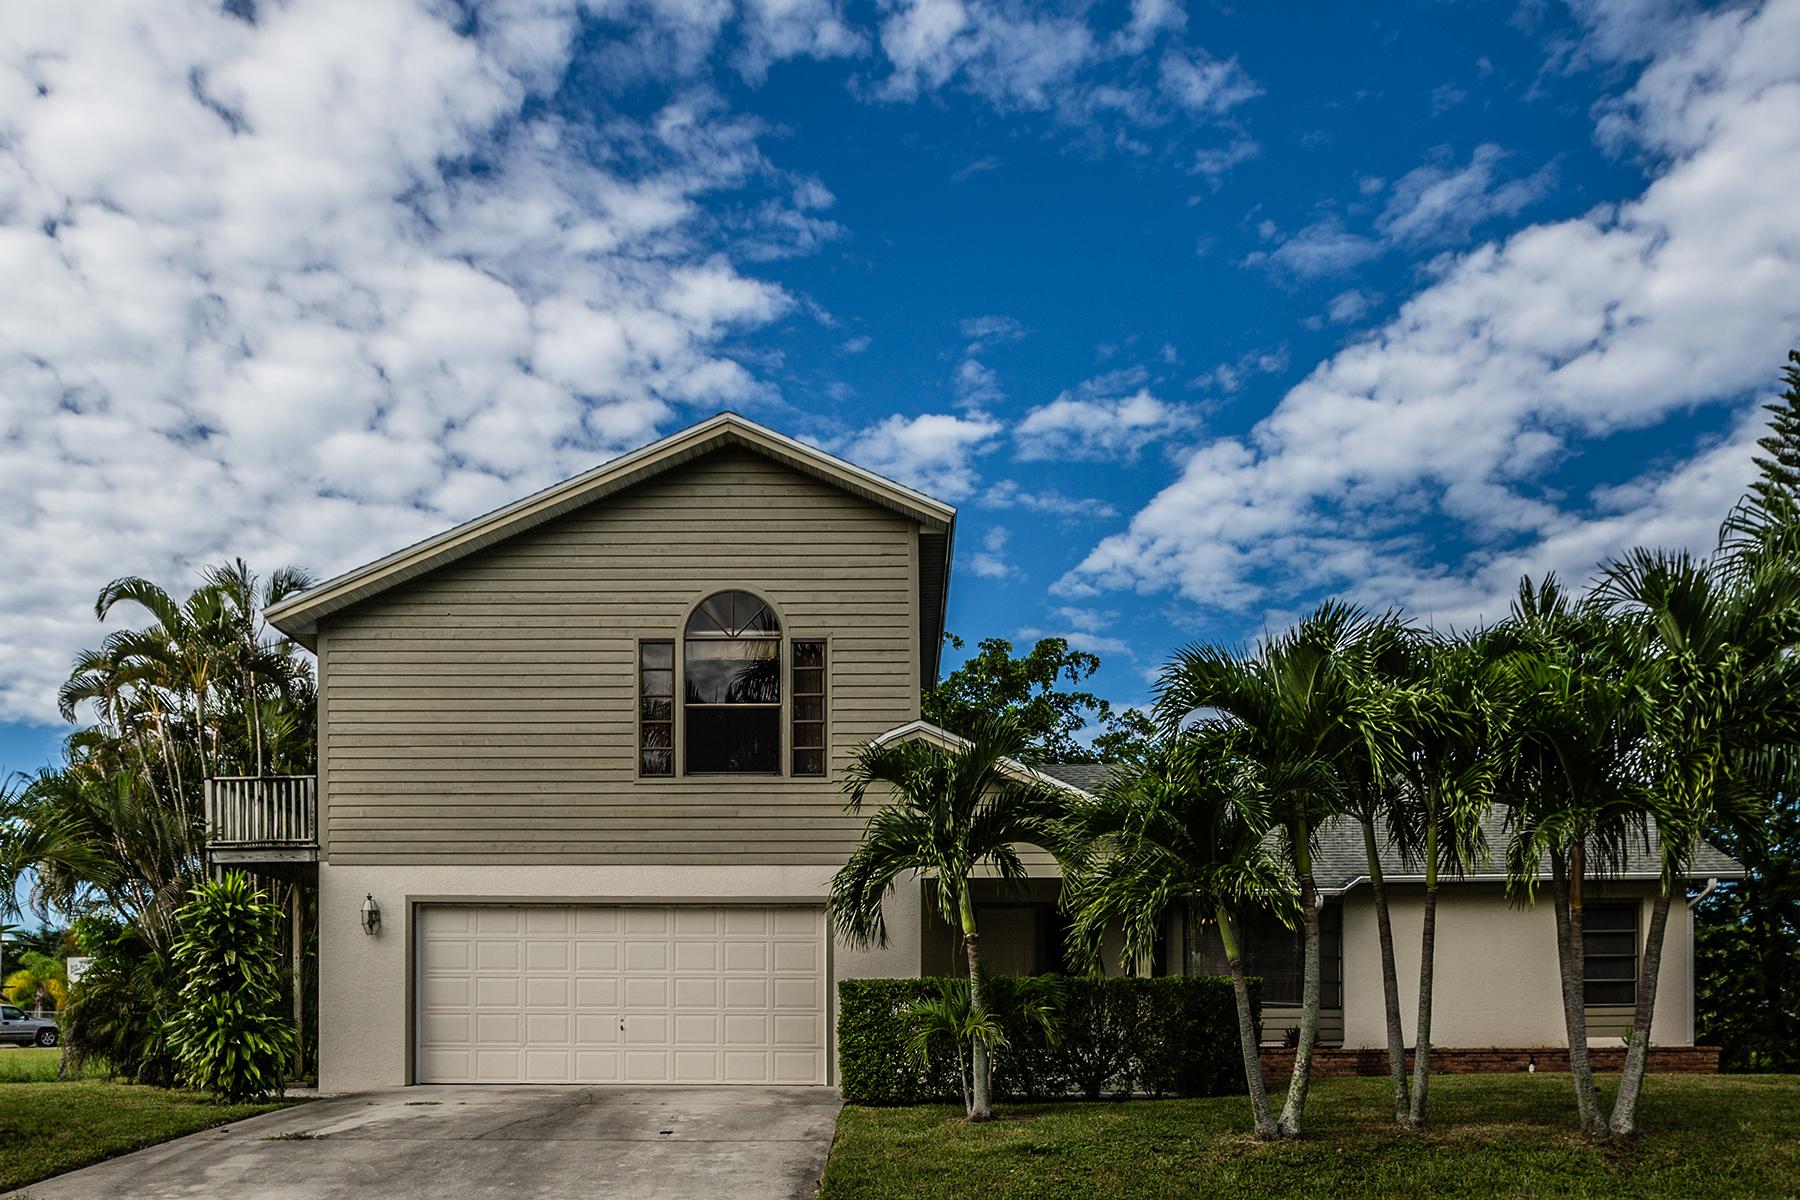 Casa Unifamiliar por un Venta en MARCO ISLAND - COVEWOOD COURT 20 Covewood Ct Marco Island, Florida, 34145 Estados Unidos